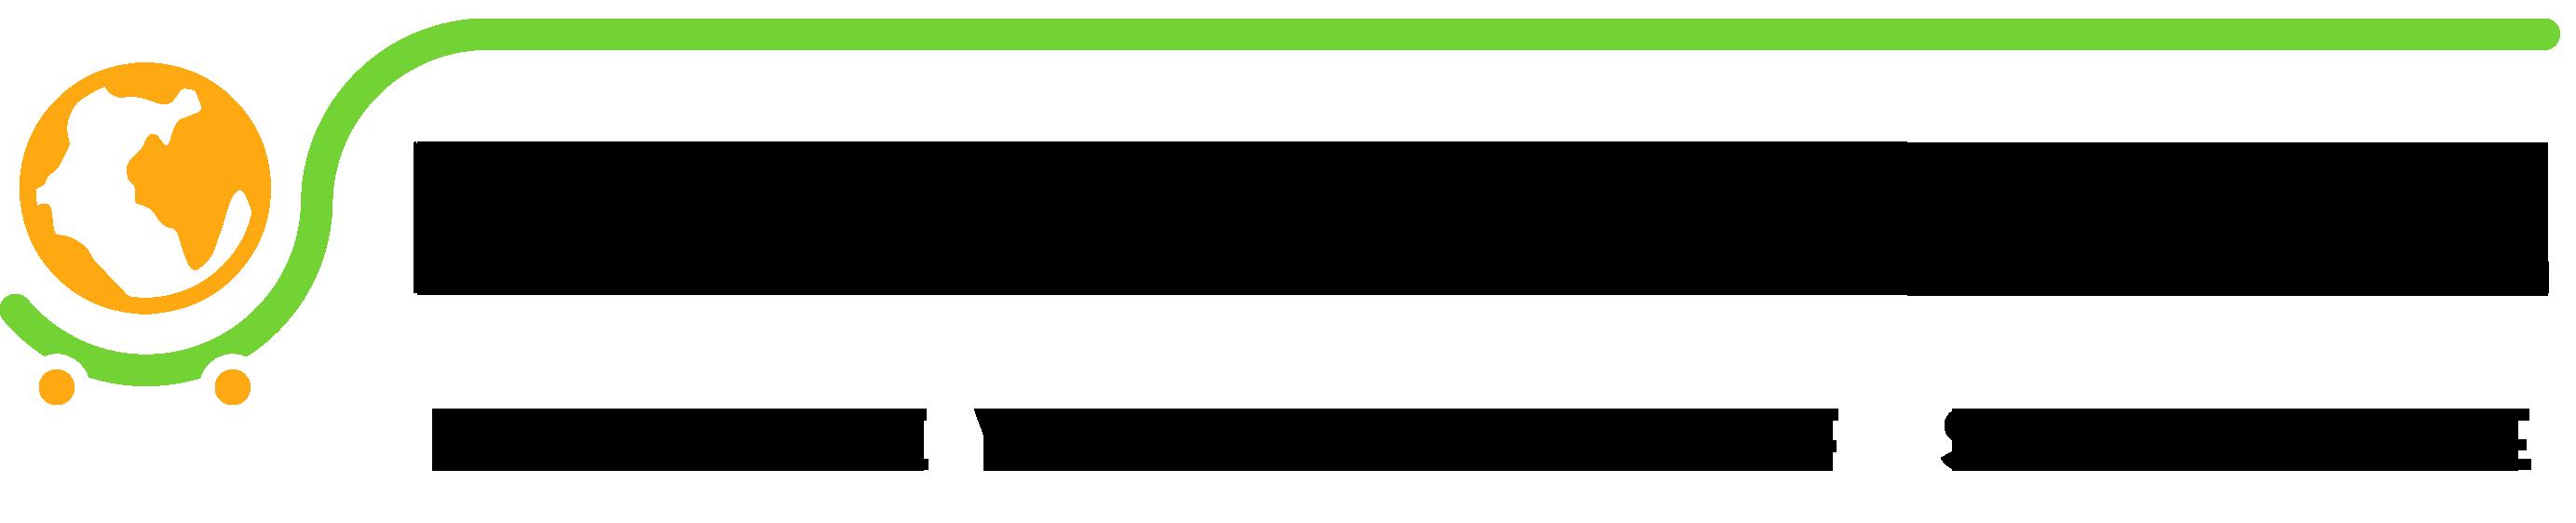 MyCommercePointe Logo